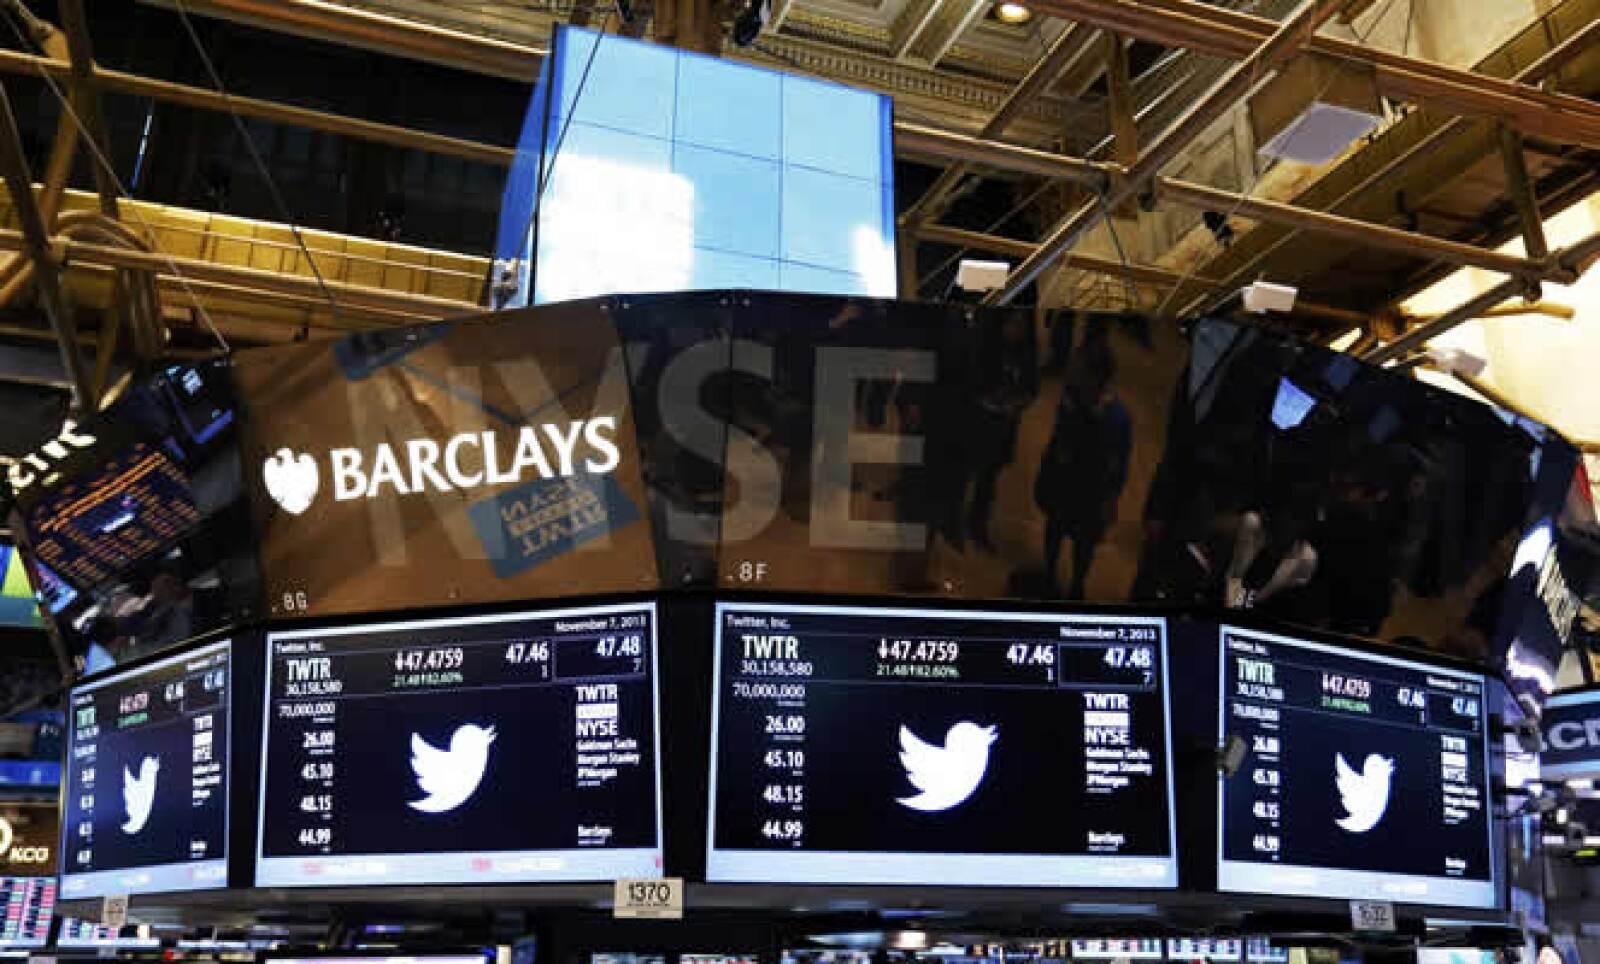 La capitalización de Twitter se acerca a la de otras empresas como LinkedIn y Yahoo.